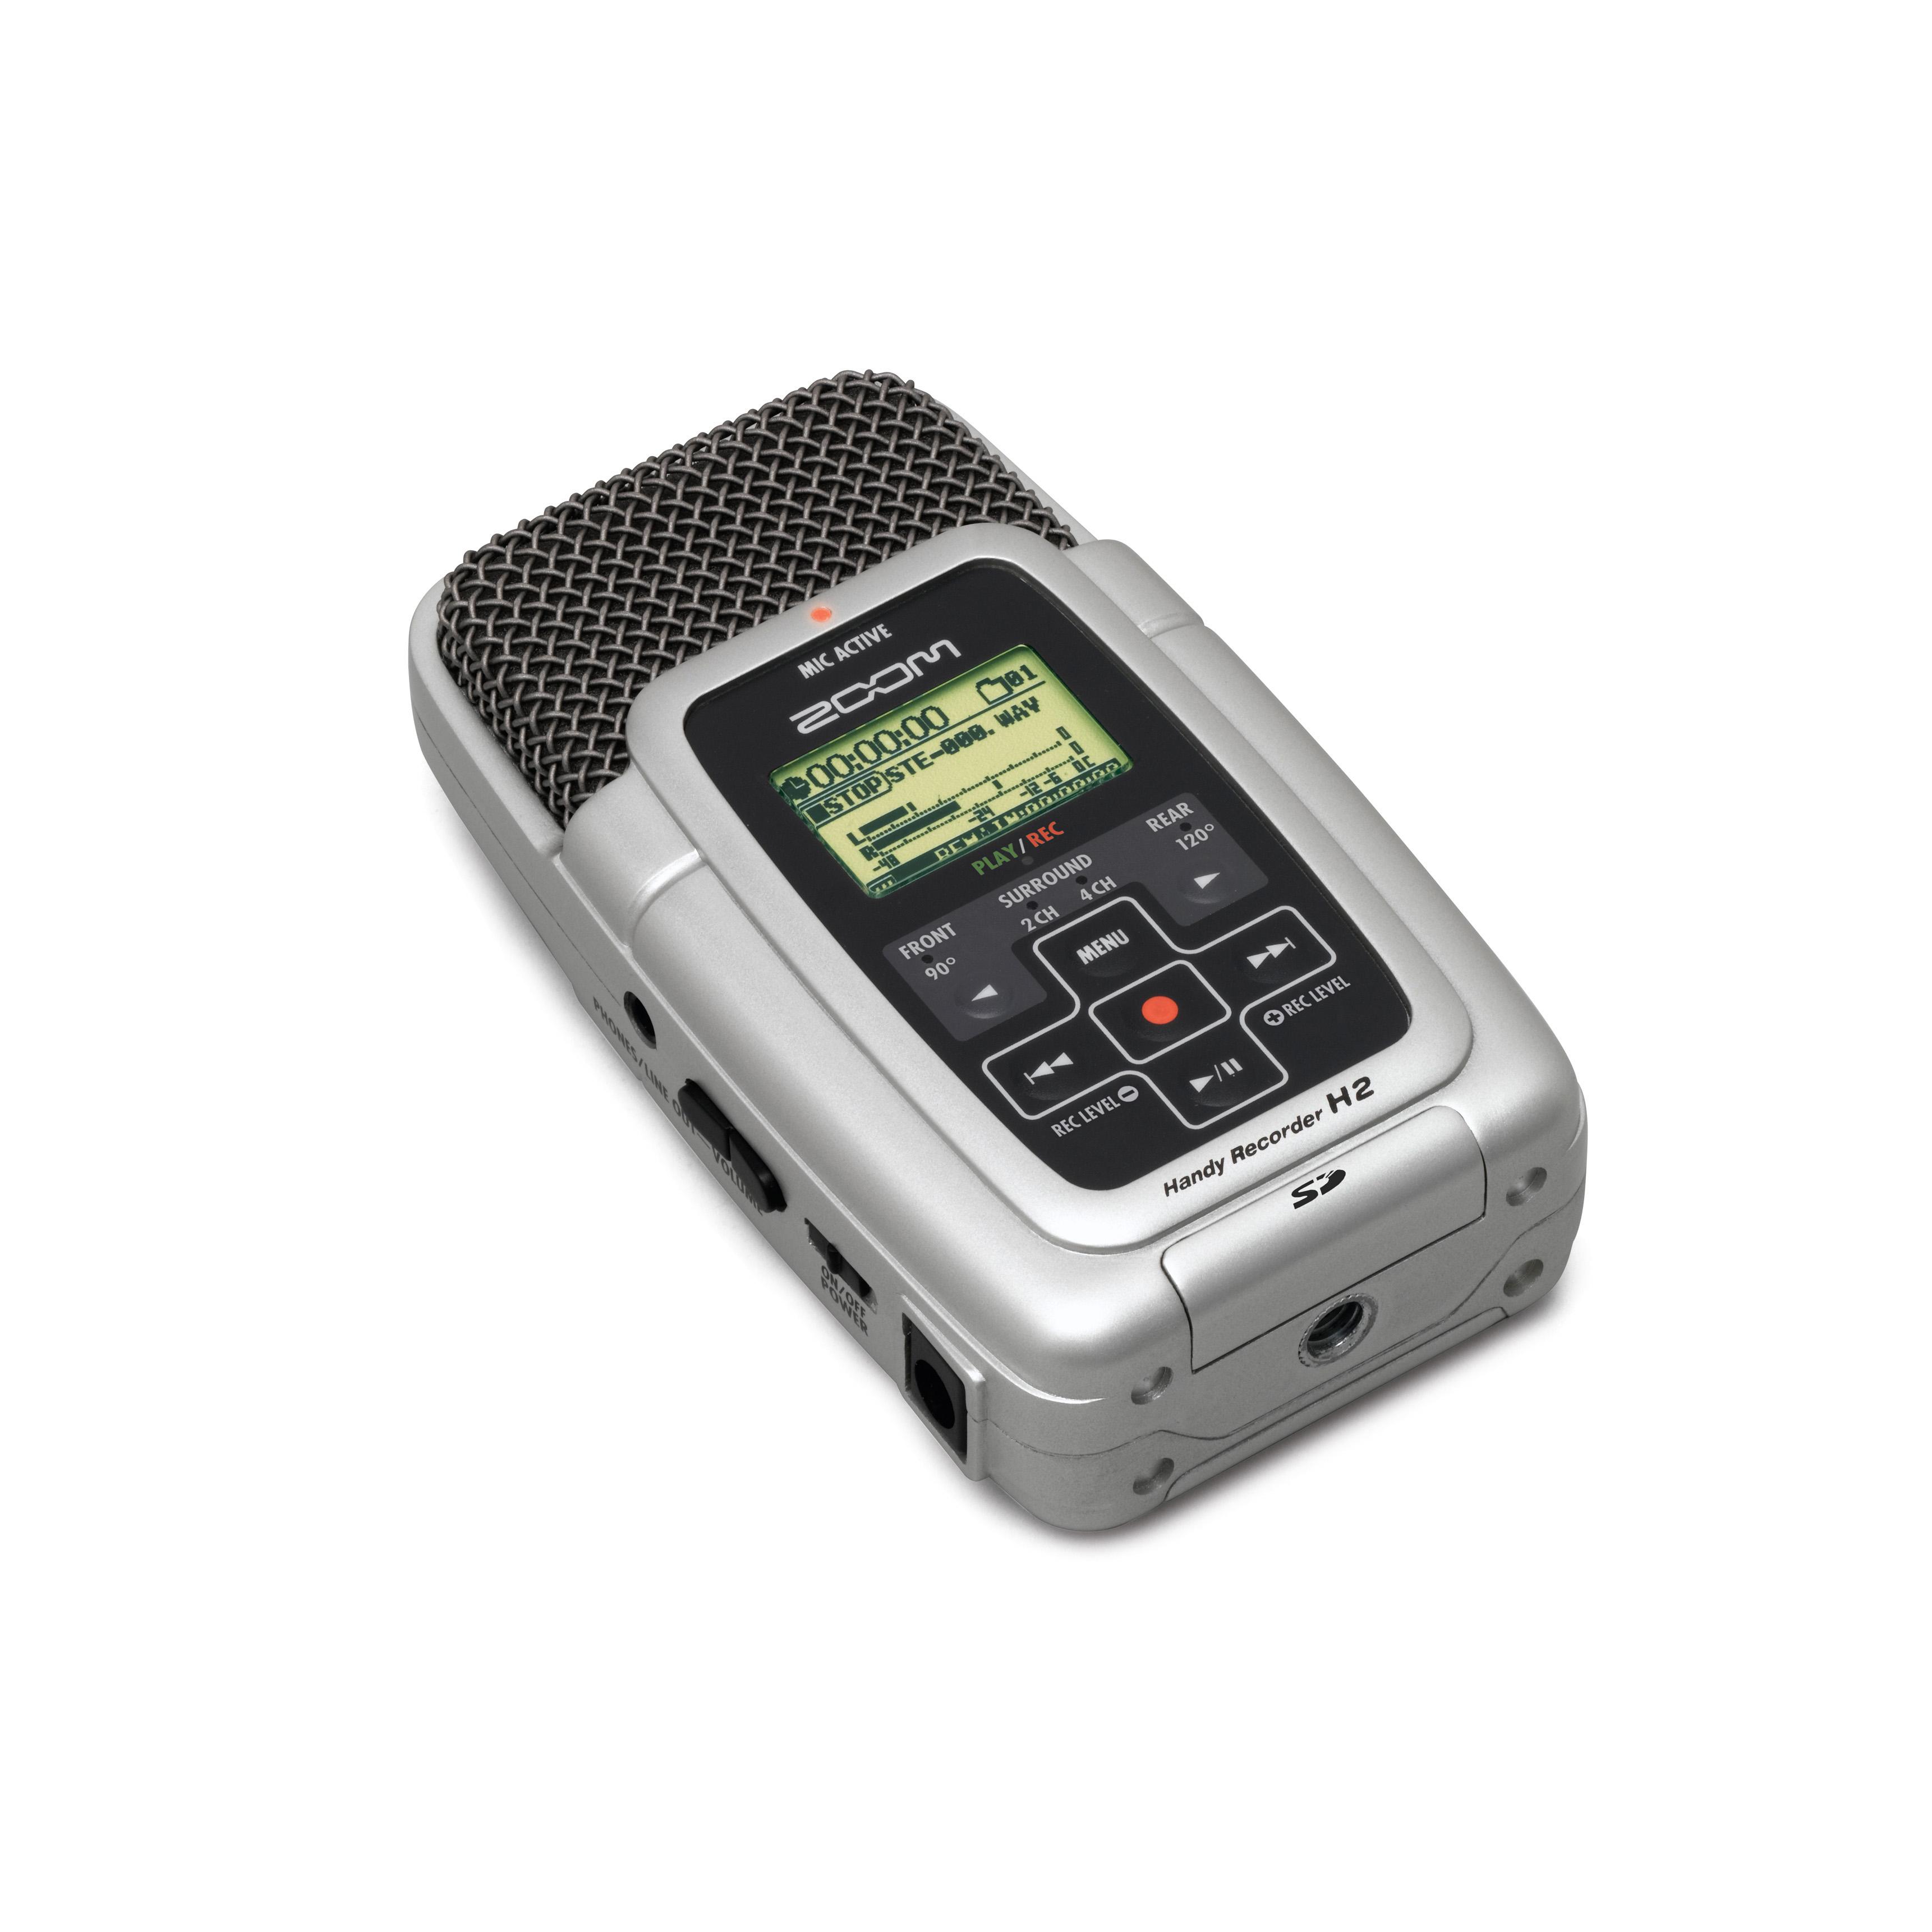 h2 handy recorder zoom rh zoom co jp Zoom H2n Zoom H3